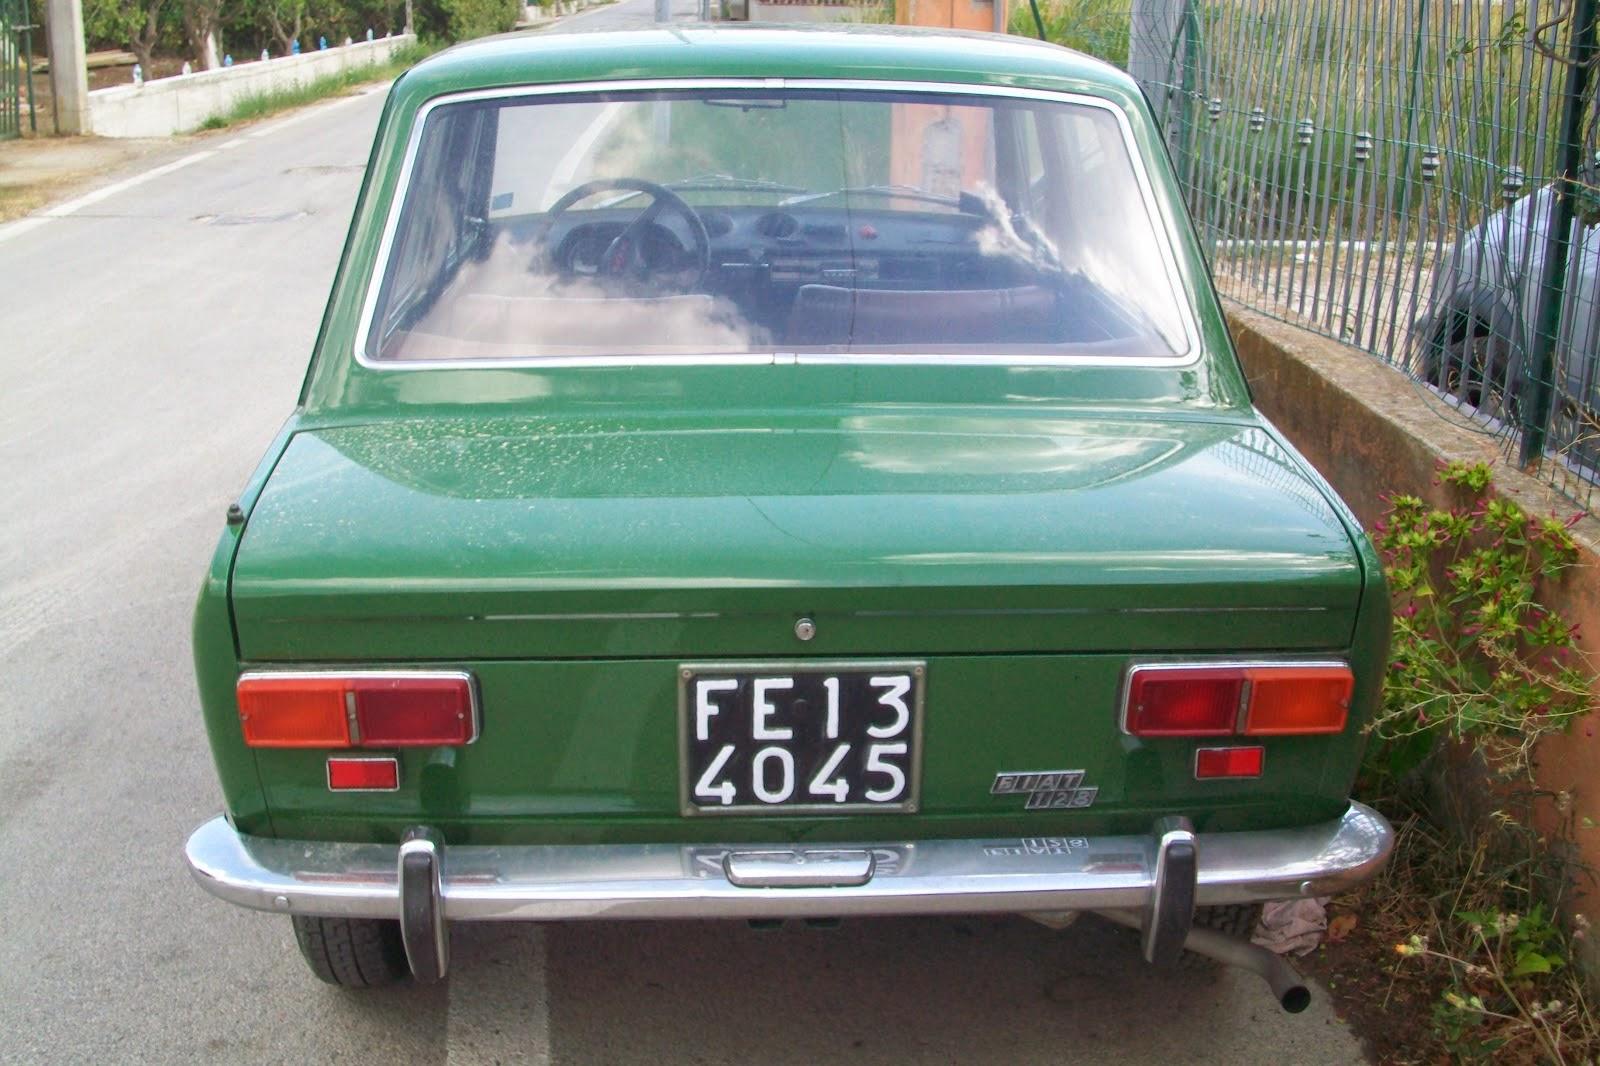 Ed ecco le auto avute in famiglia  El_fecenrthree